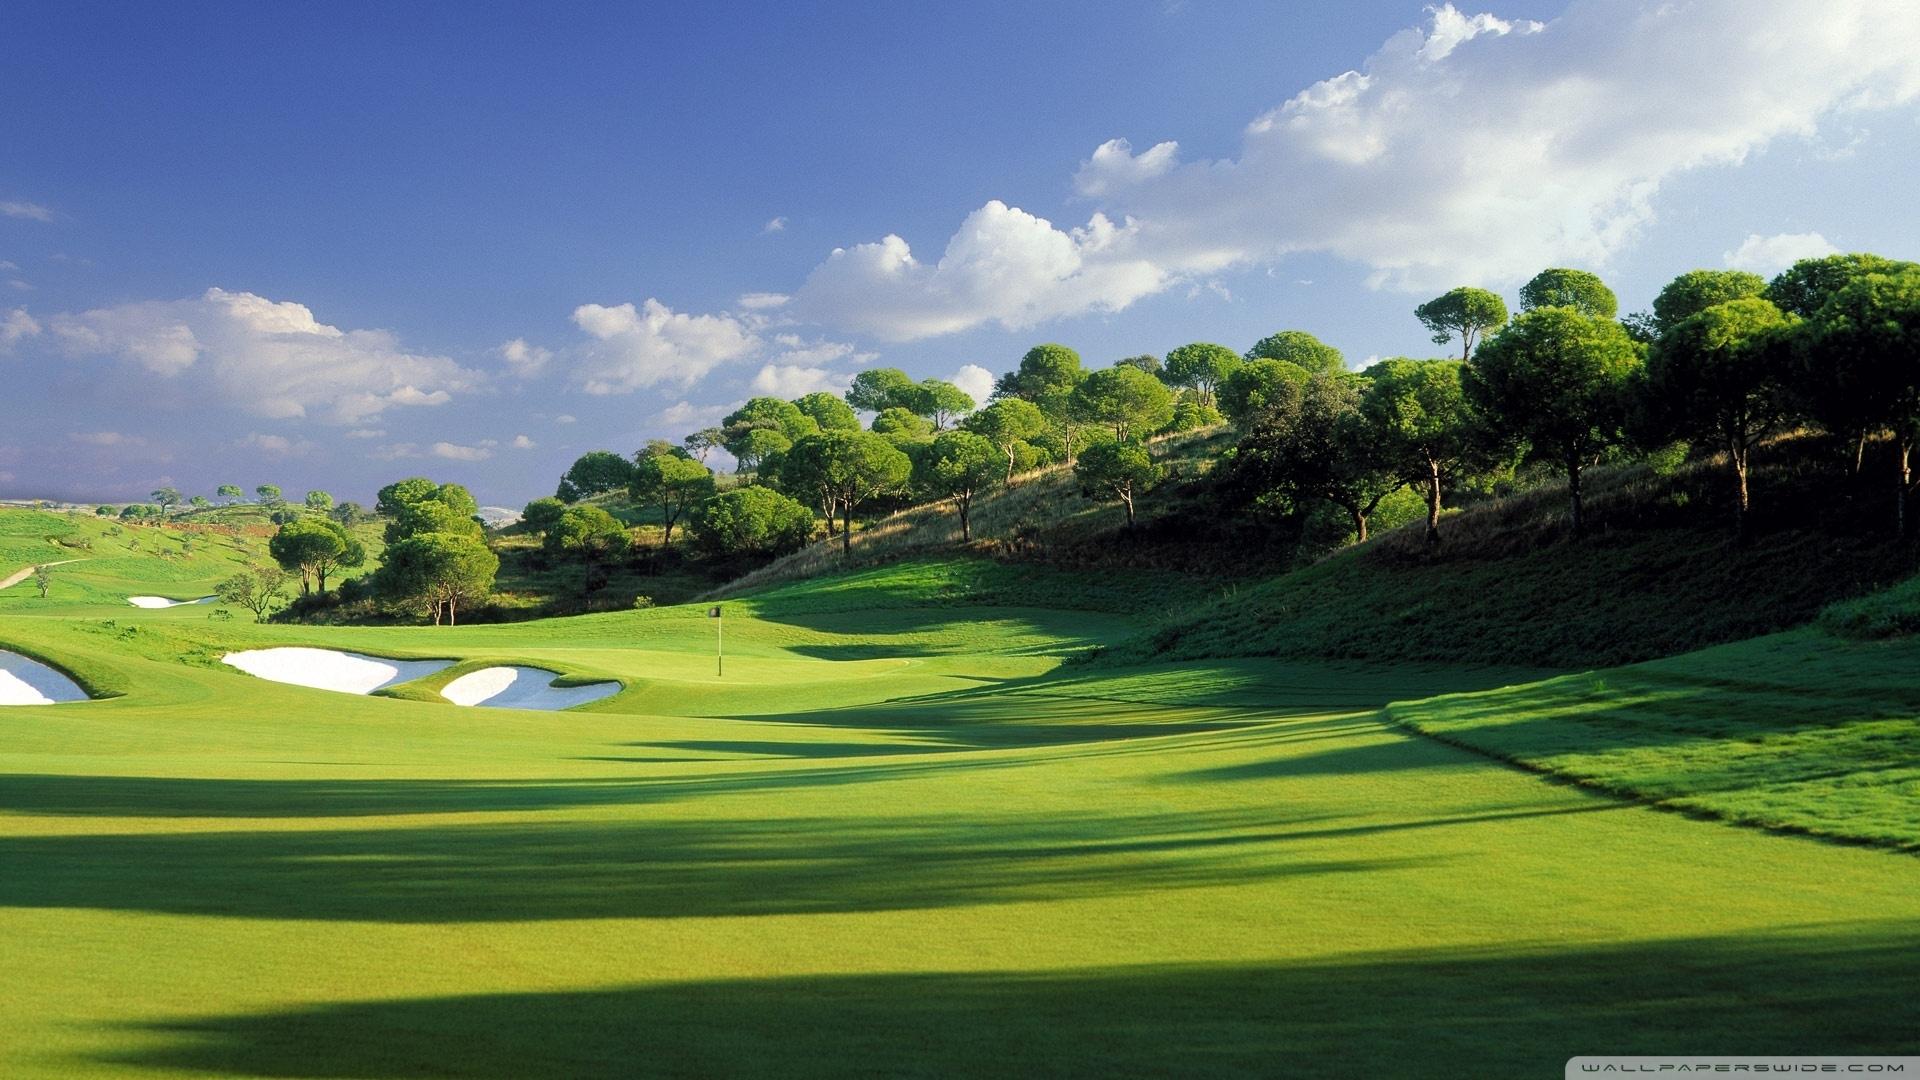 golf course ❤ 4k hd desktop wallpaper for 4k ultra hd tv • wide